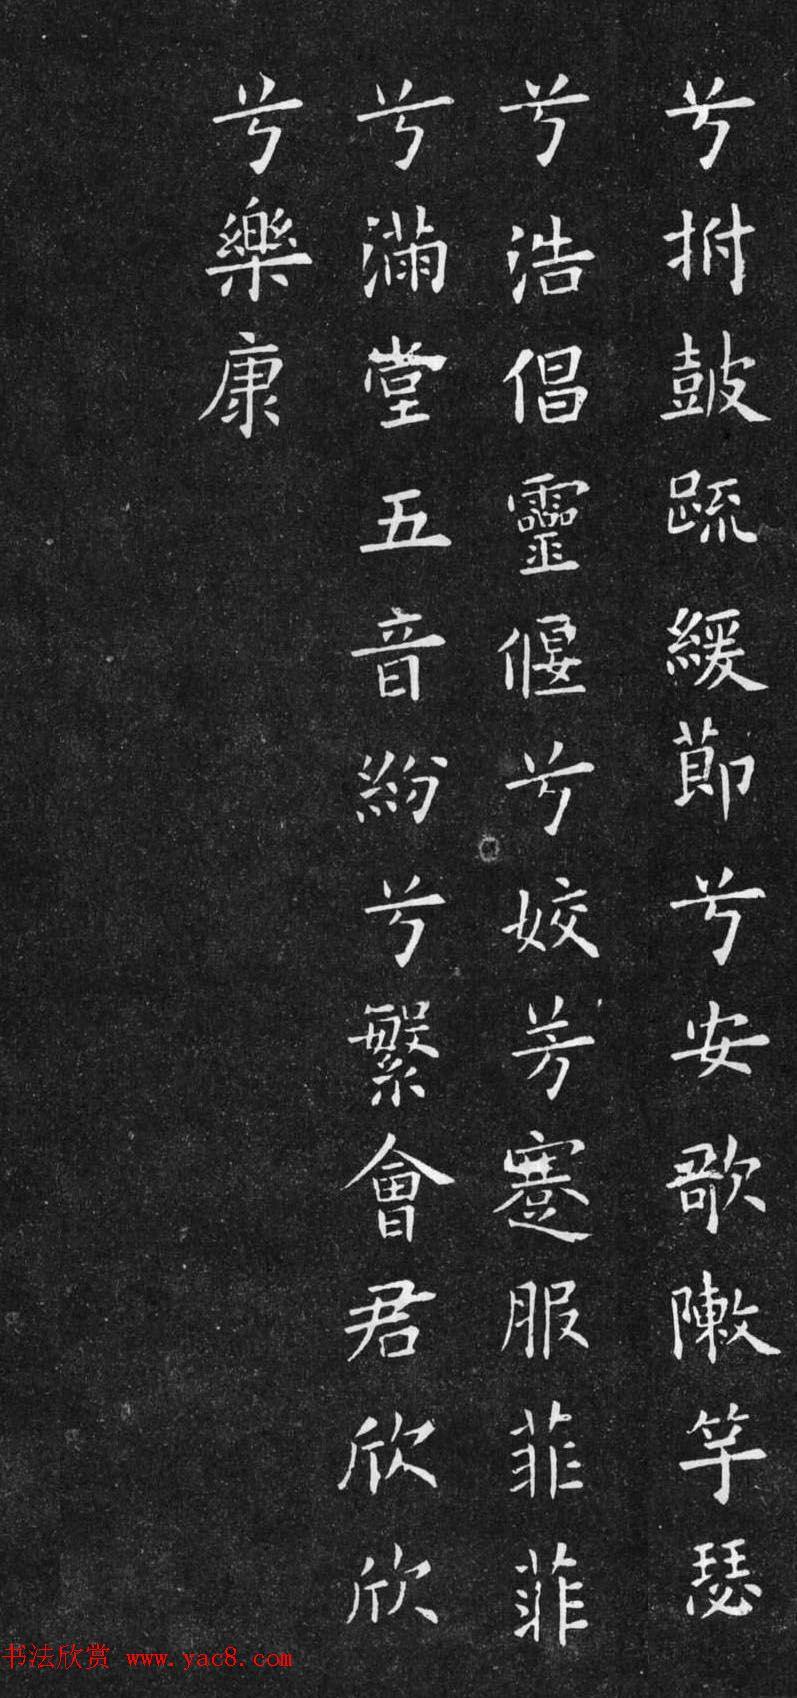 初唐欧阳询楷书《九歌》2种